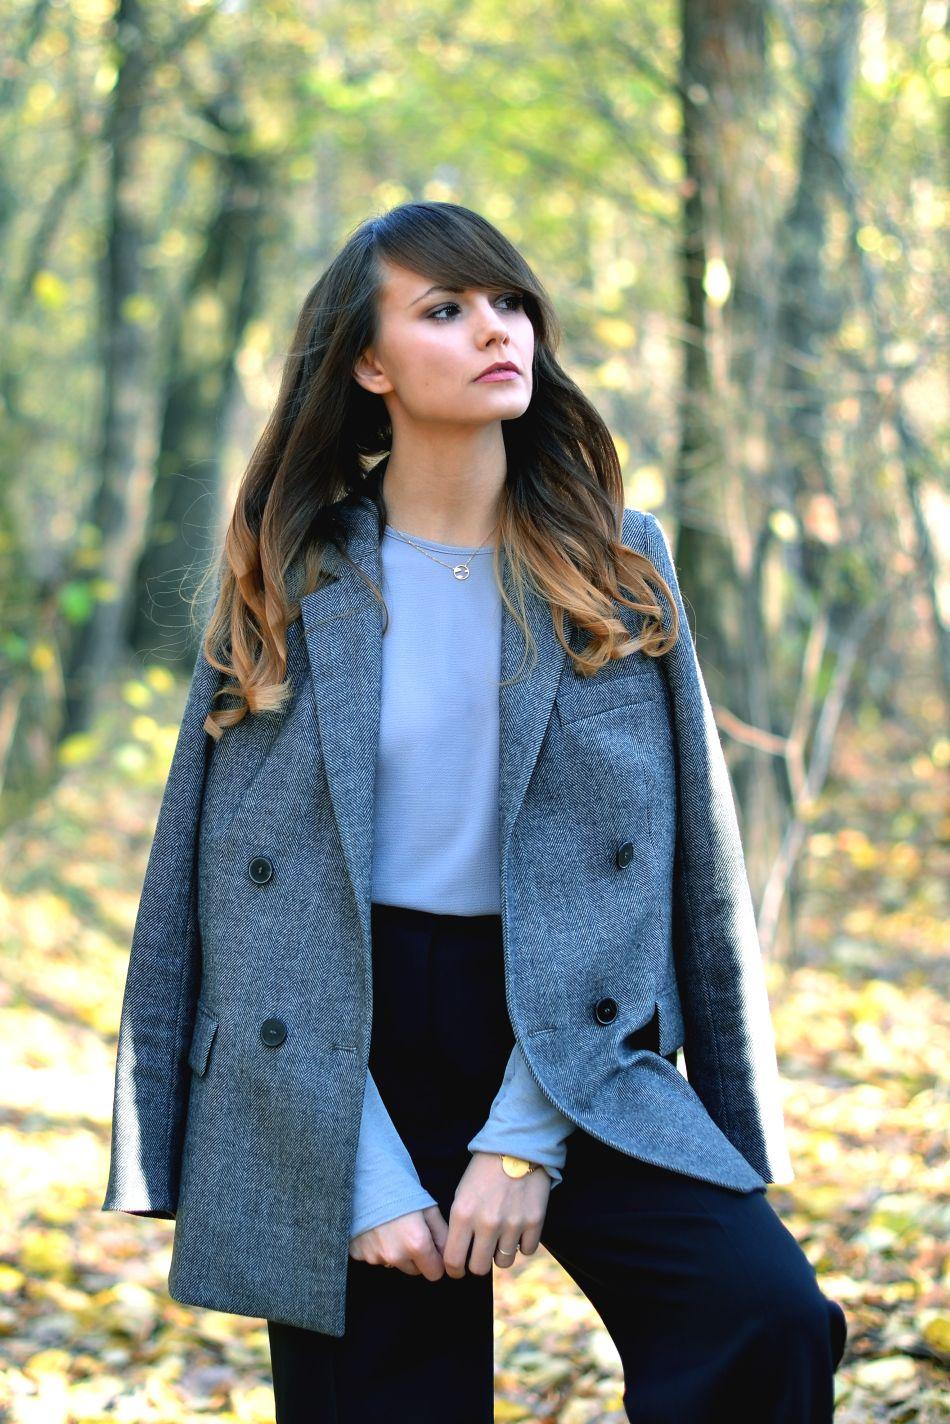 blogi o modzie | blog o modzie | lifestylowy blog | motywacyjny blog | badz tu i teraz | kavodesign | kamila mraz | coaching